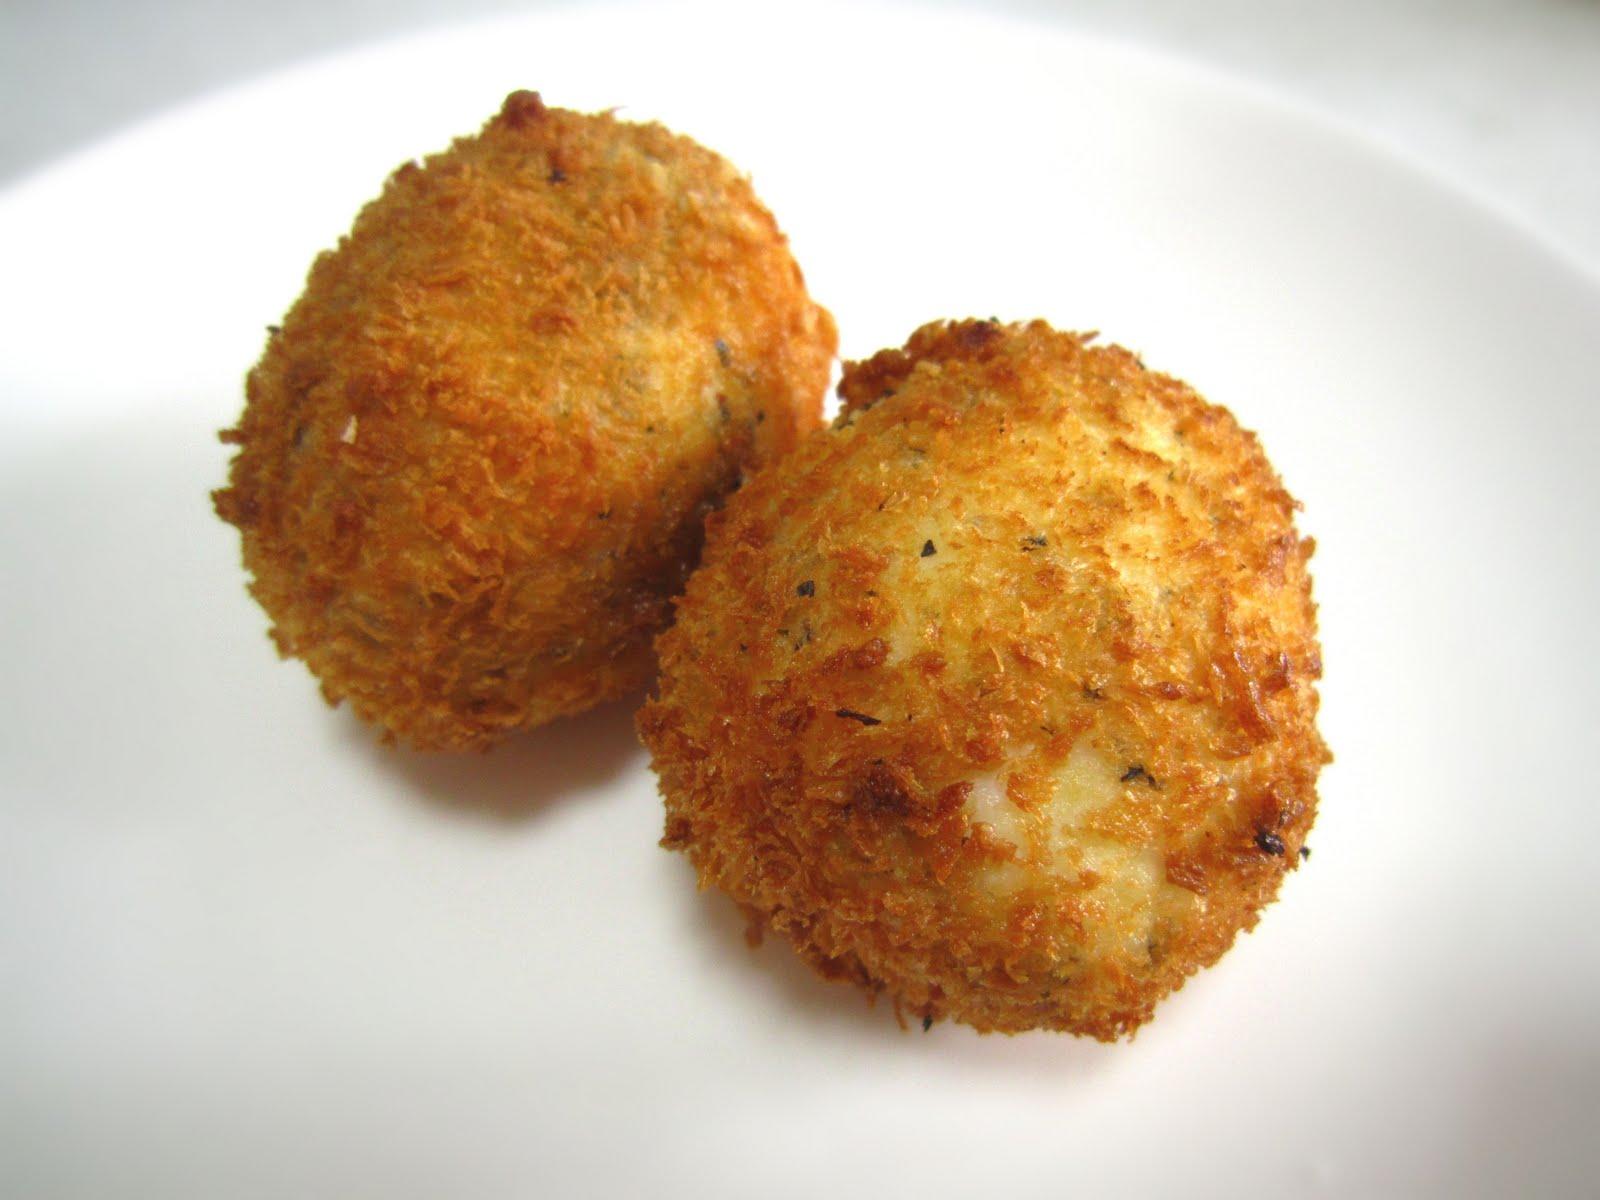 Noms I Must: Crispy Fried Soft Boiled Eggs